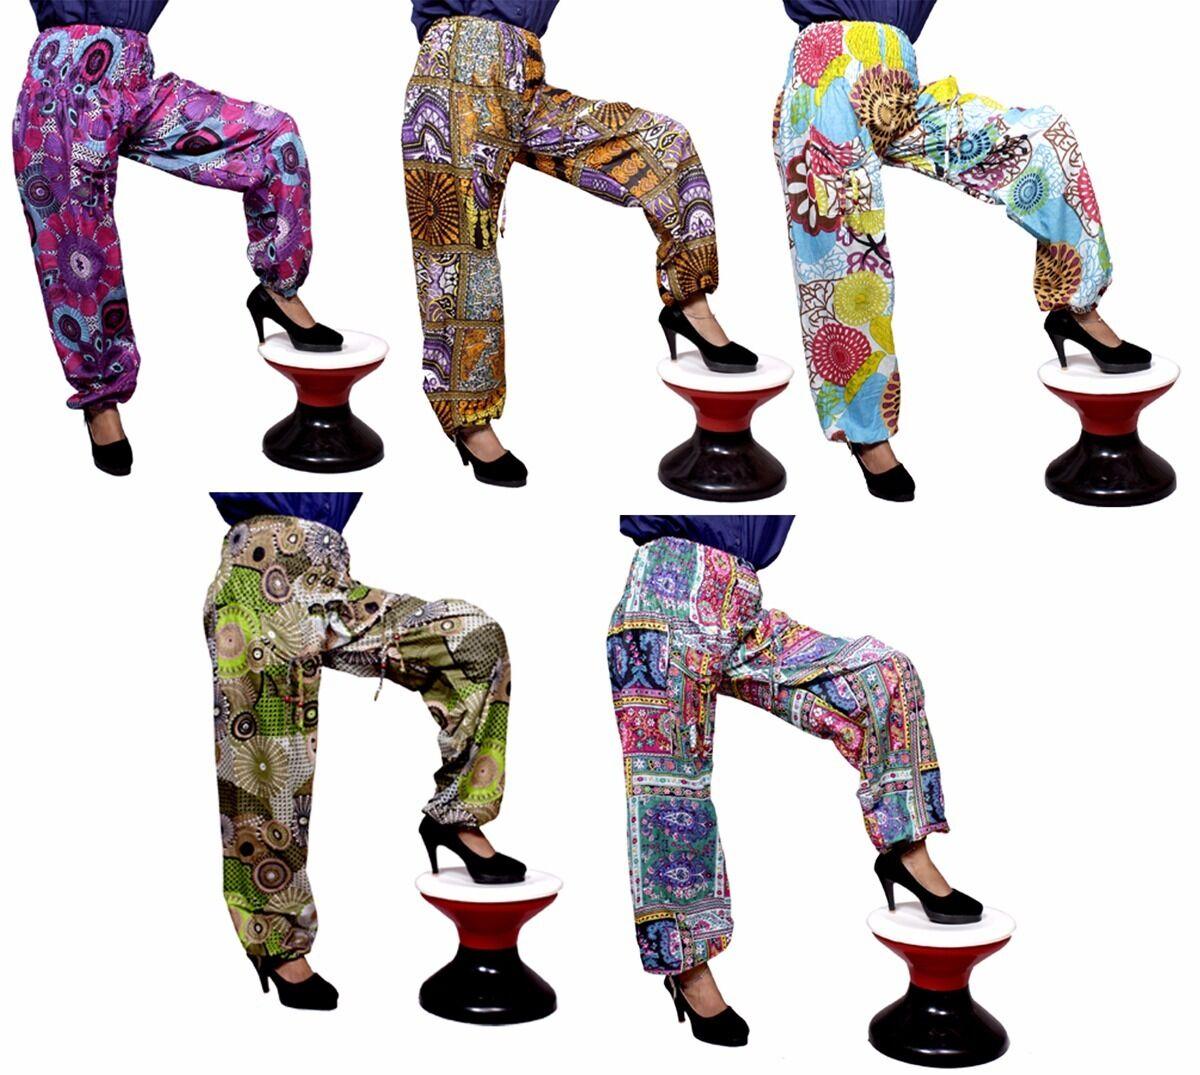 Apparels India 10Pc Harem USA Floral Print Hippie Trousers Pants Wholesale Lot